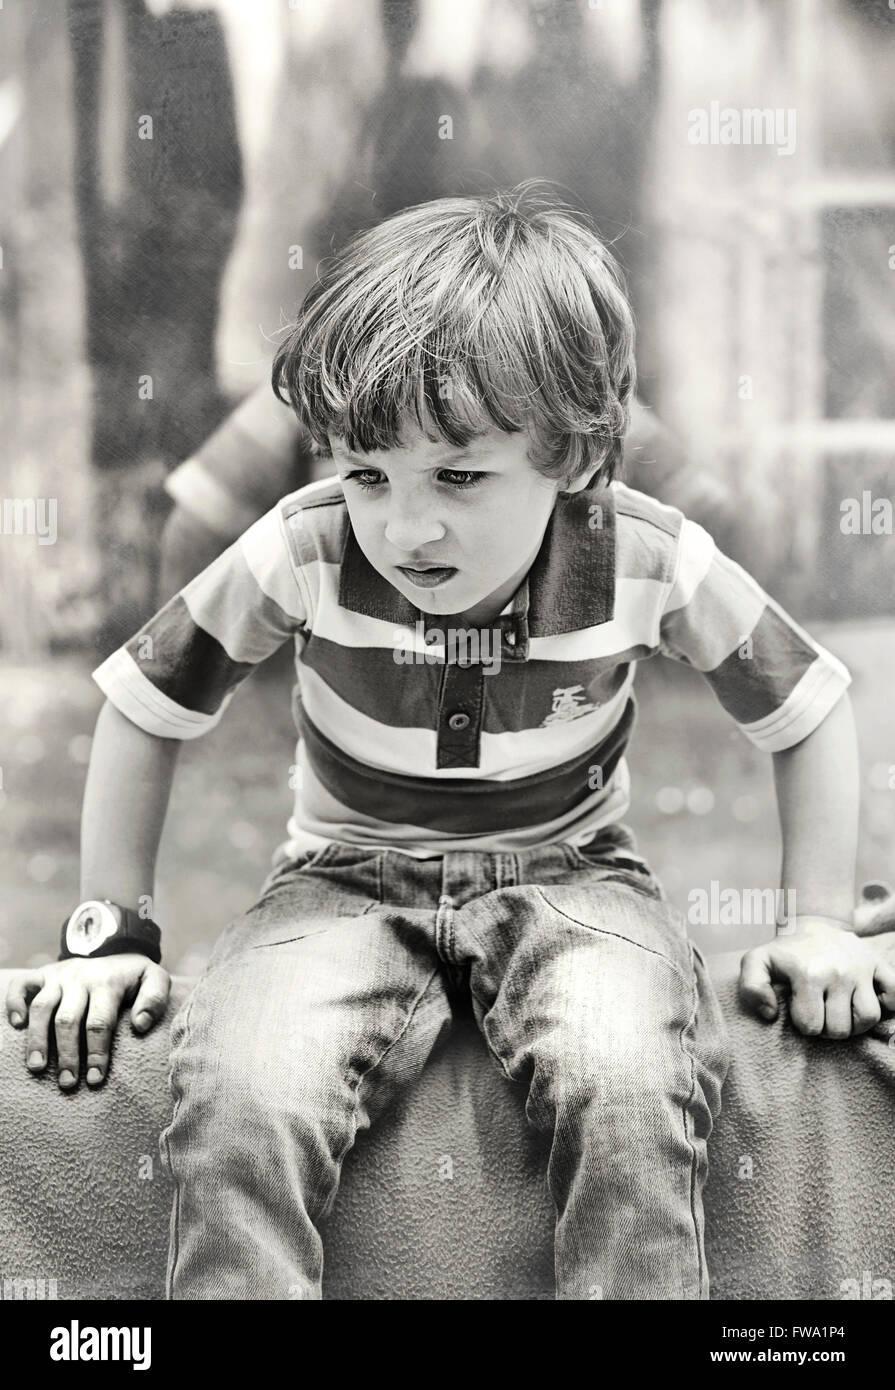 Petit Garçon jouant en colère Banque D'Images